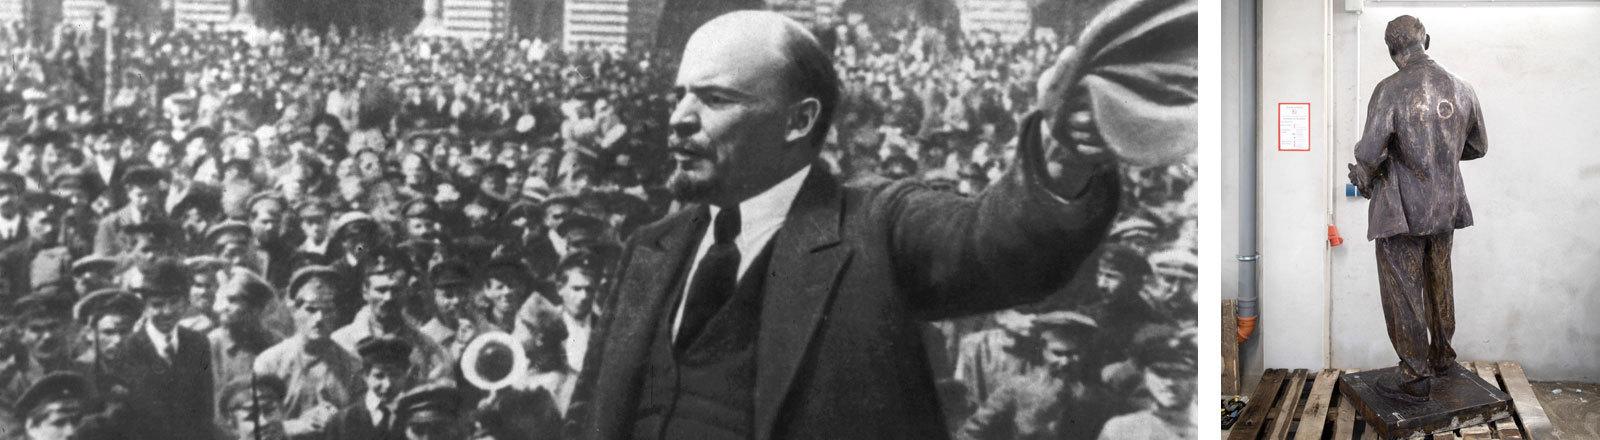 Links: Historisches Foto von Lenin bei einer Rede, rechts: eine Lenin-Statue, die in Gelsenkirchen aufgestellt wird.